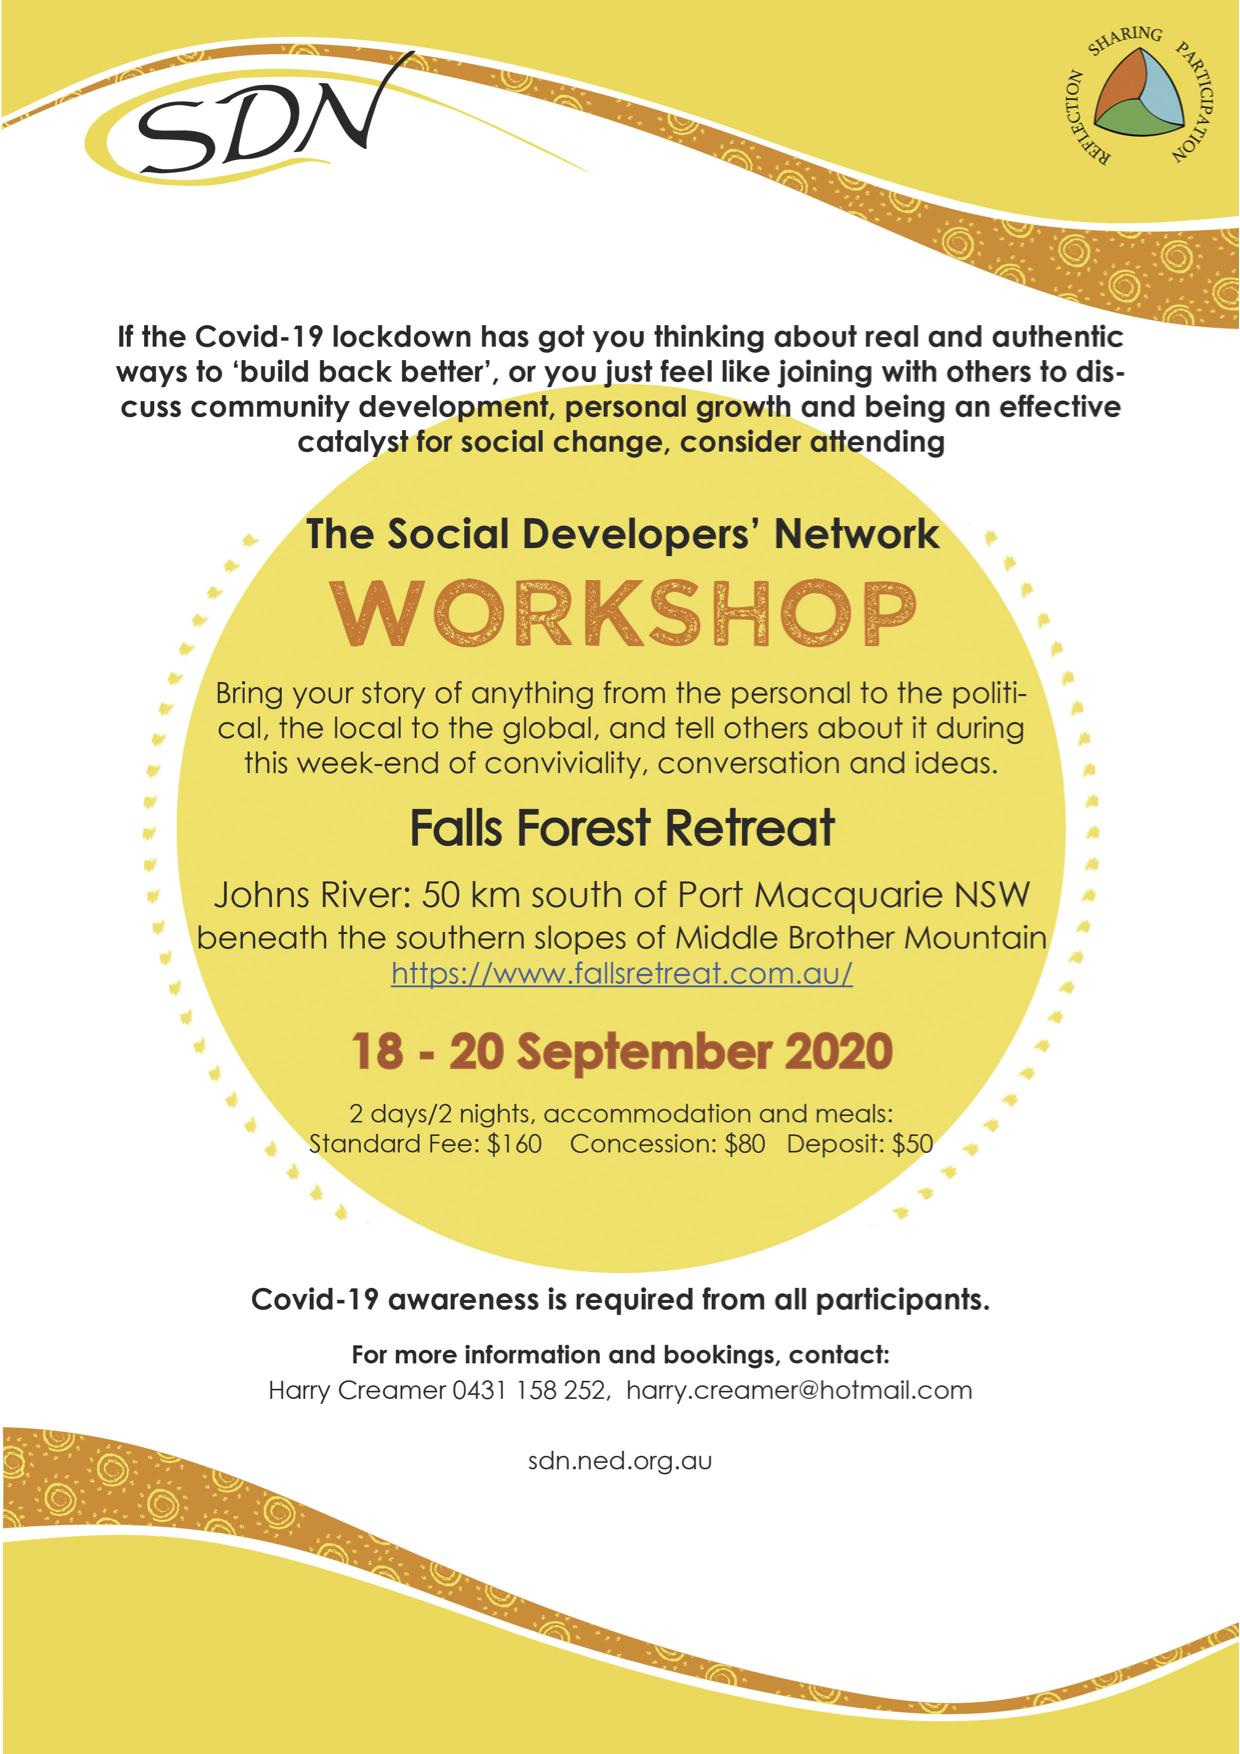 Falls Retreat Workshop Flyer